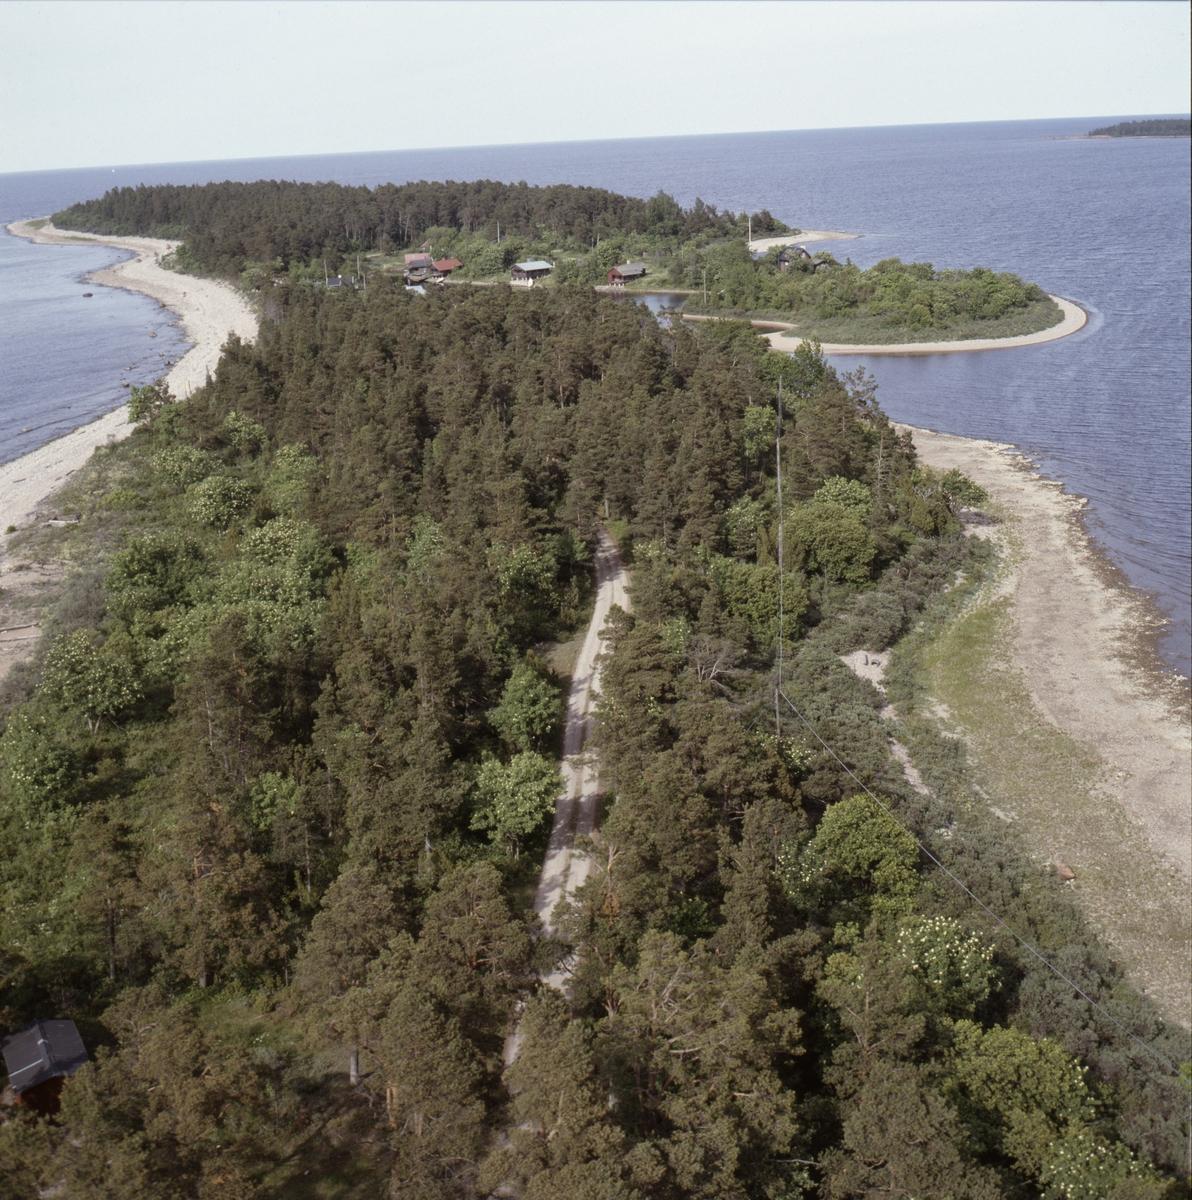 Vy över Billudden och Billhamn, Älvkarleby socken, Uppland, juni 1989